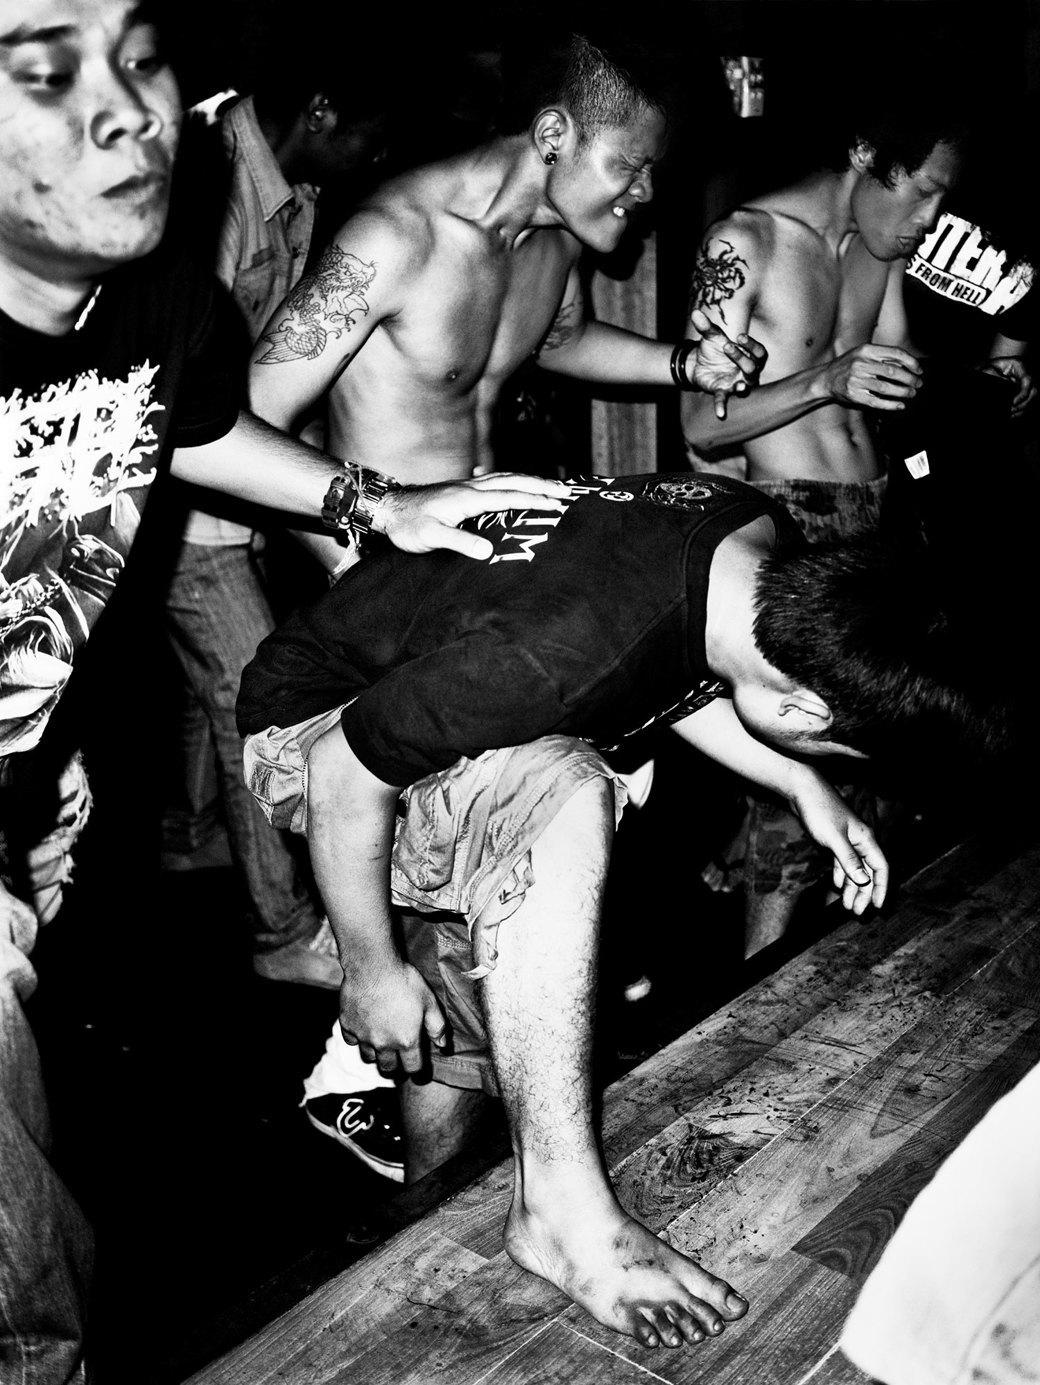 Азиатский андеграунд: Панк, грайндкор и экстремальный метал по-вьетнамски . Изображение № 2.